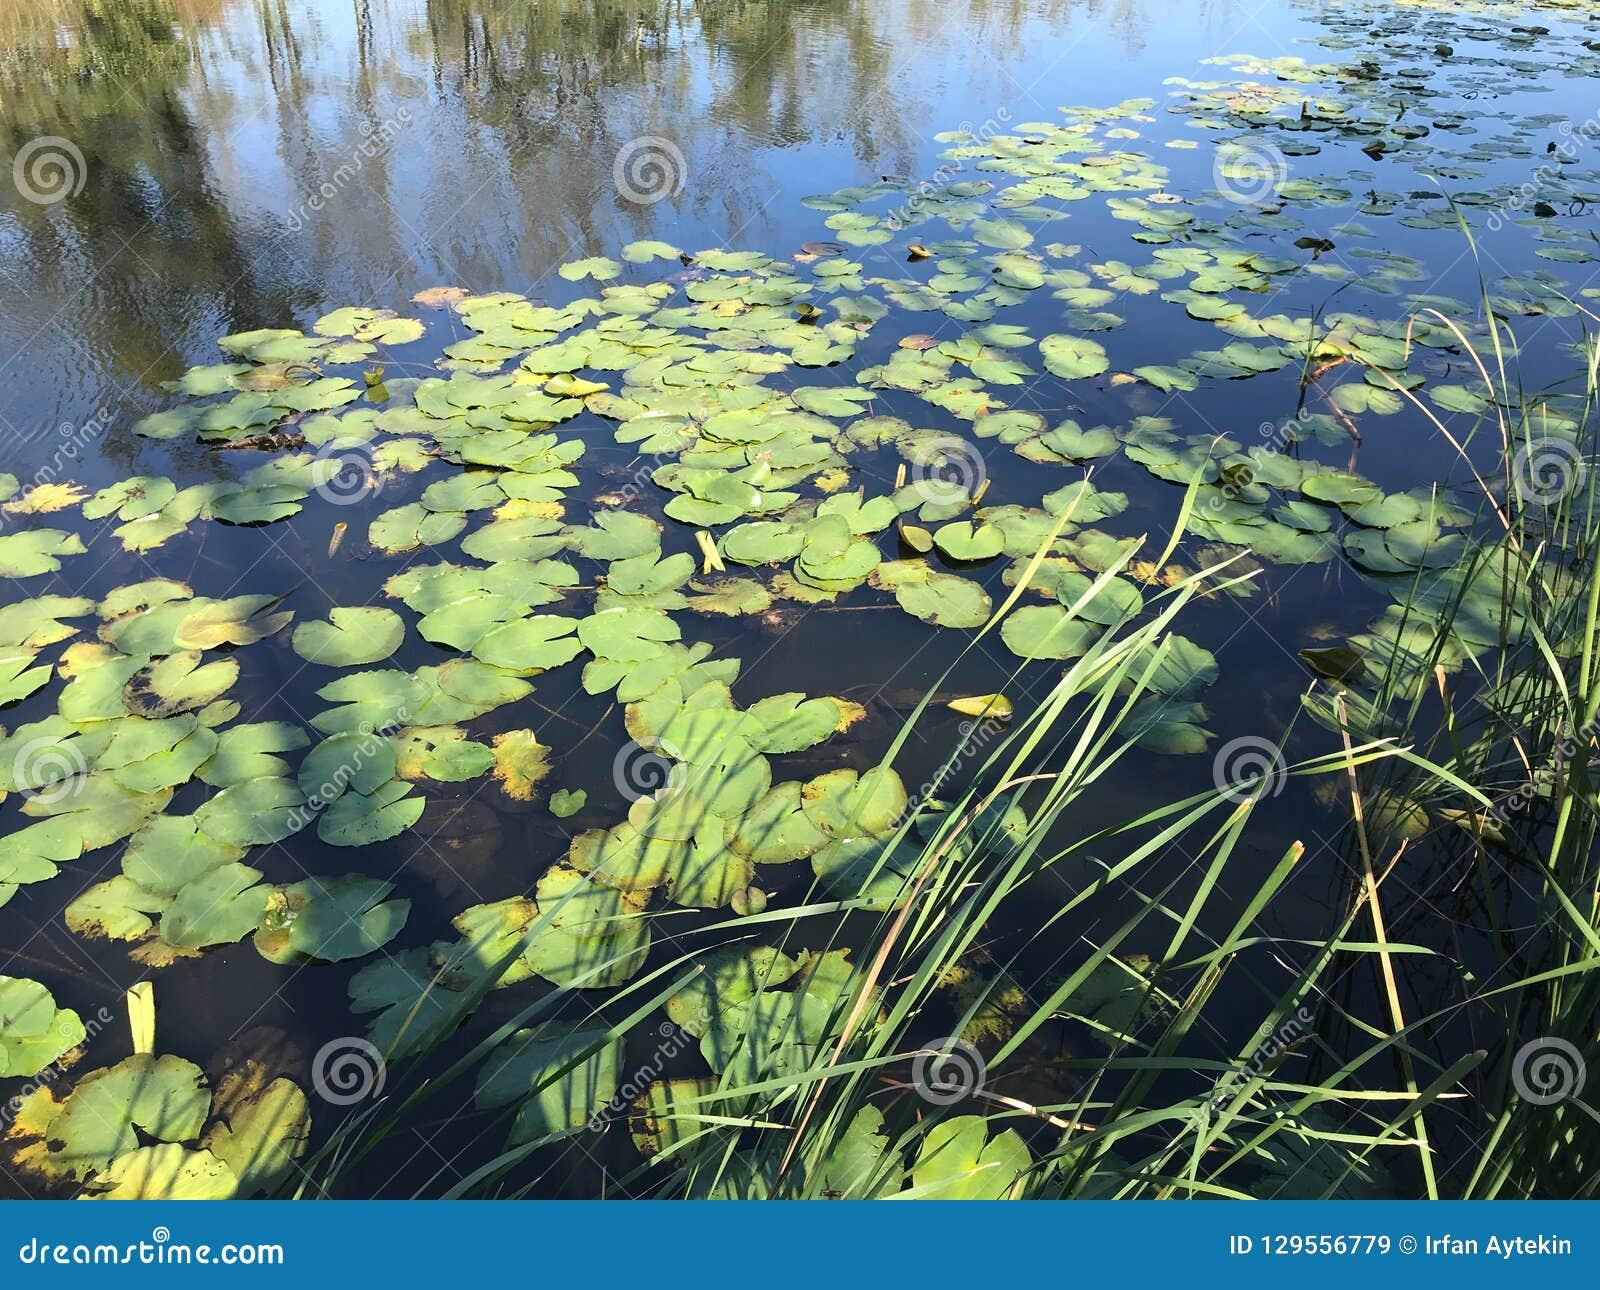 OKTOBER 2018 der Türkei an zweiter Stelle größter Frischwassersumpfwald: Acarlar in Sakarya, die Türkei